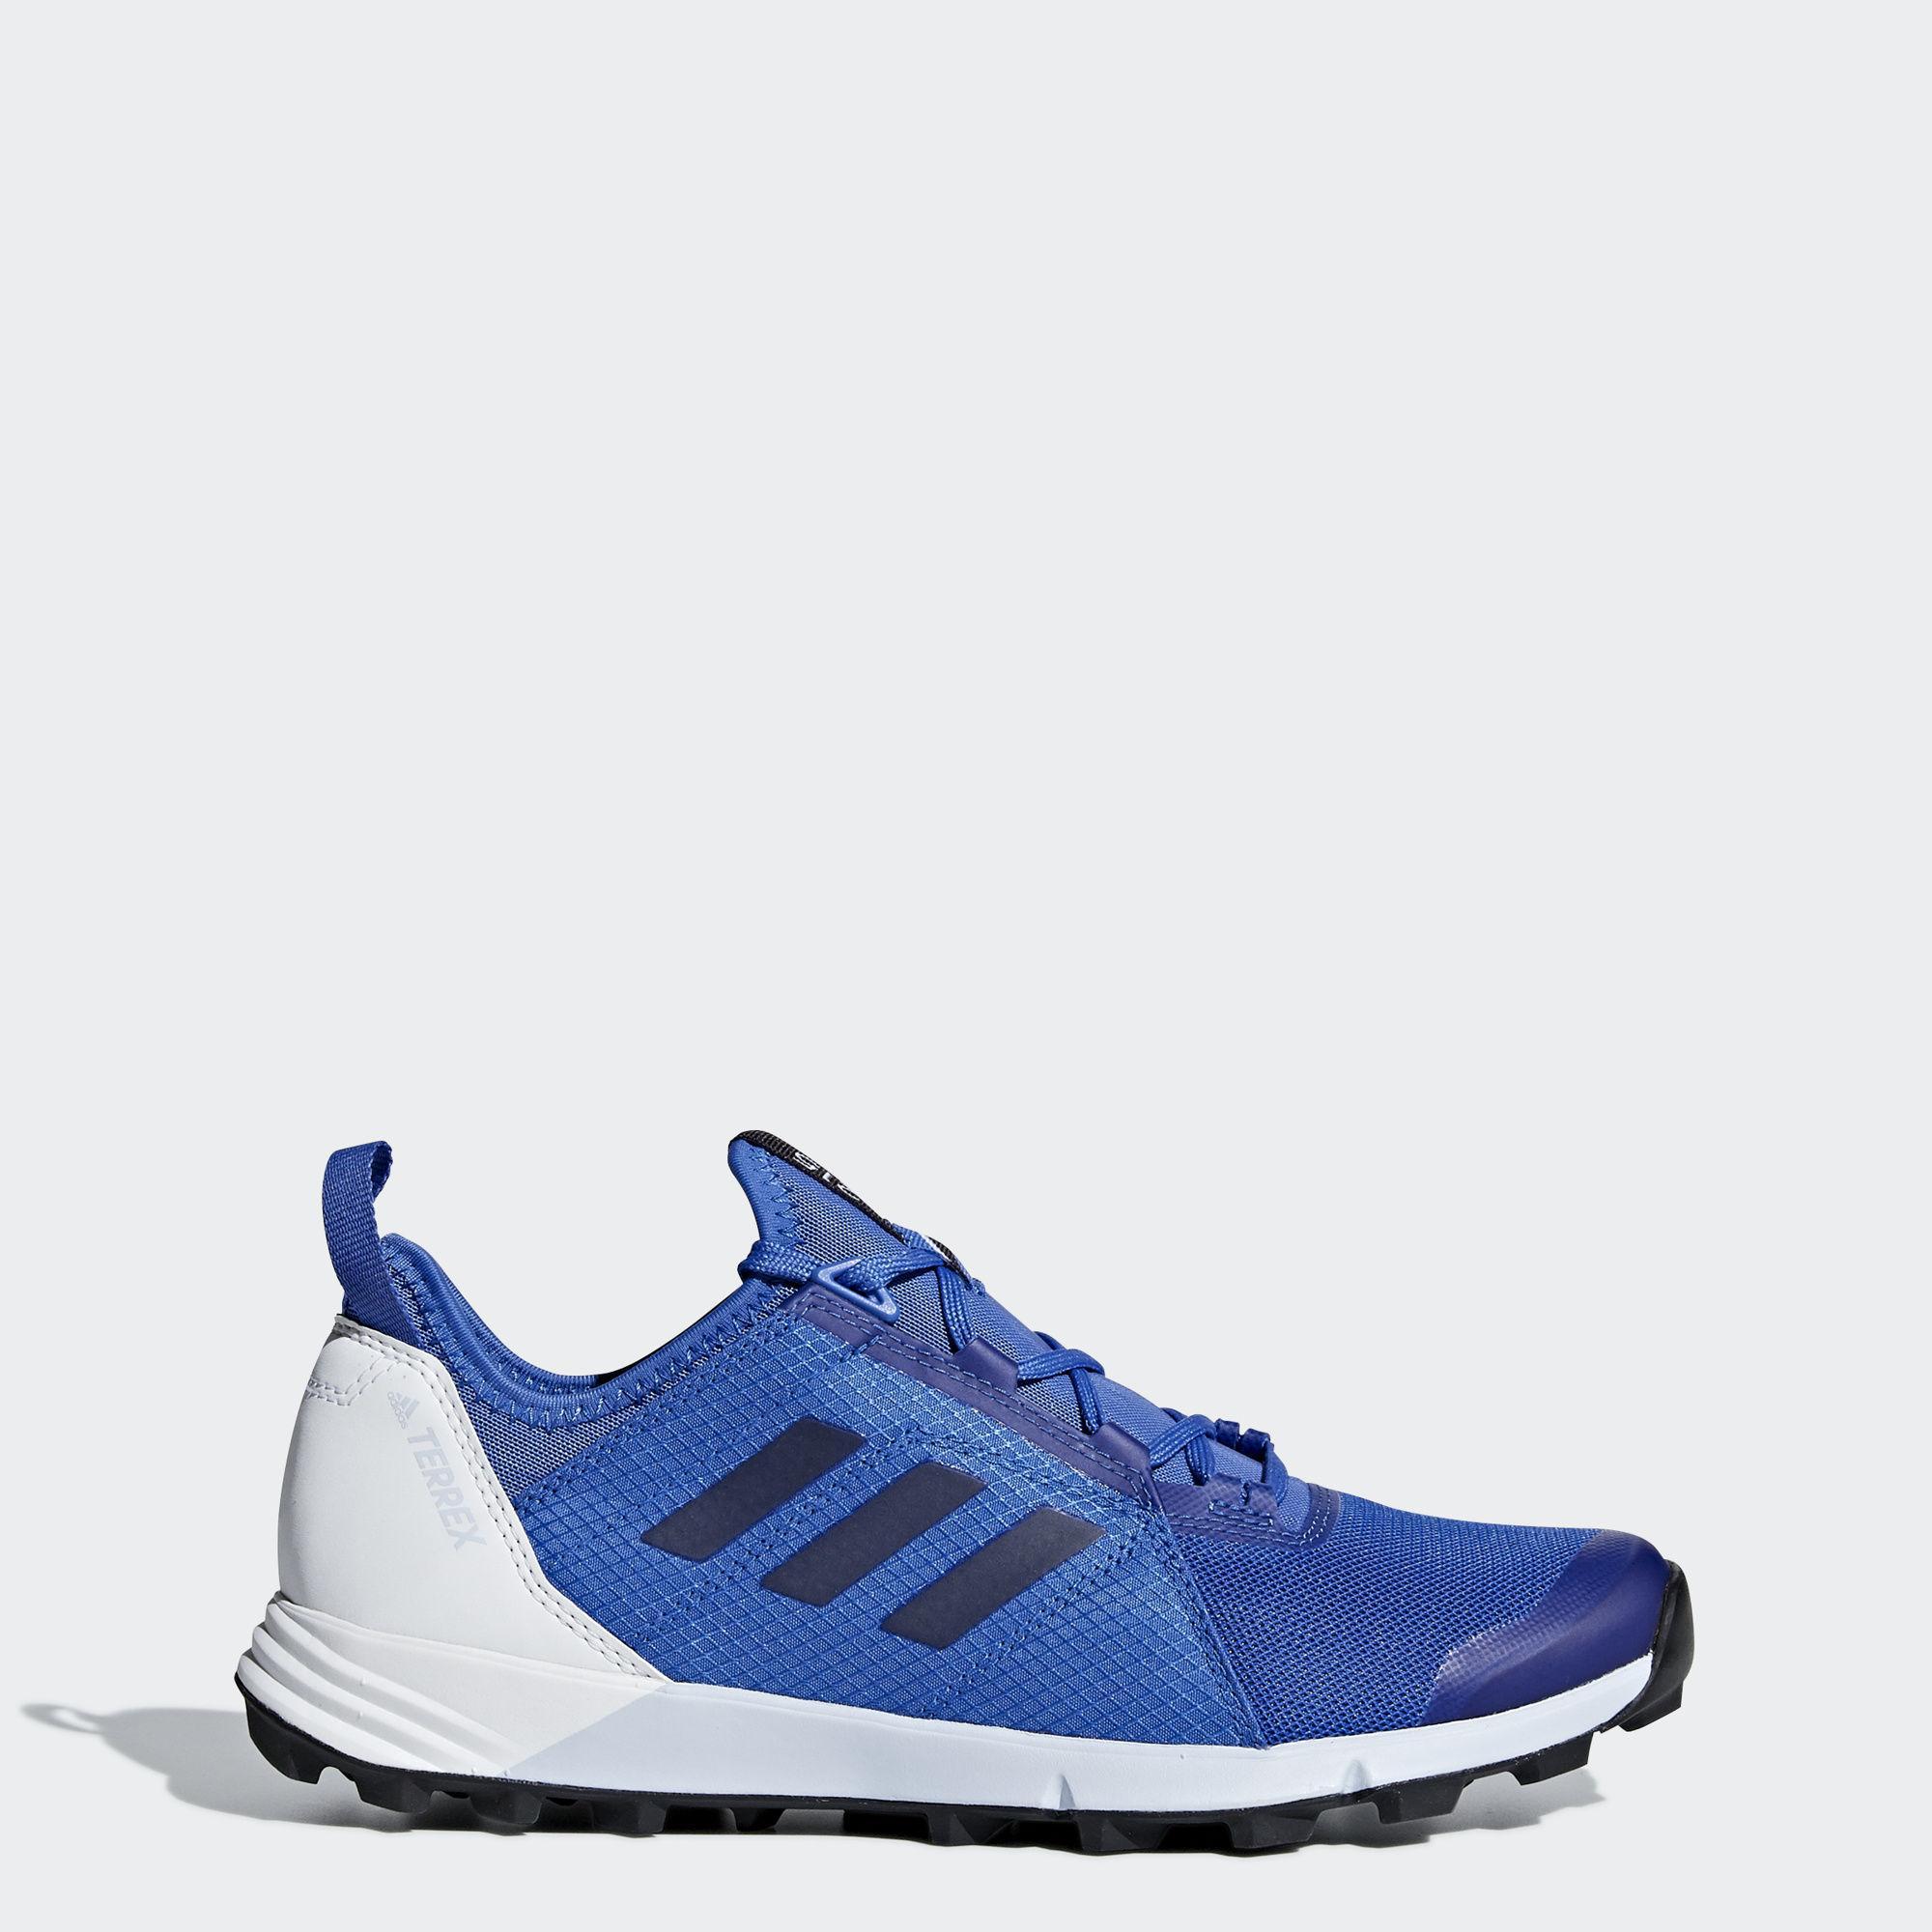 Adidas TERREX Agravic Speed Laufschuhe Laufschuhe Laufschuhe Damen Hi-Res Blau / Core schwarz / Aero Blau im Online Shop von SportScheck kaufen Gute Qualität beliebte Schuhe 5de271